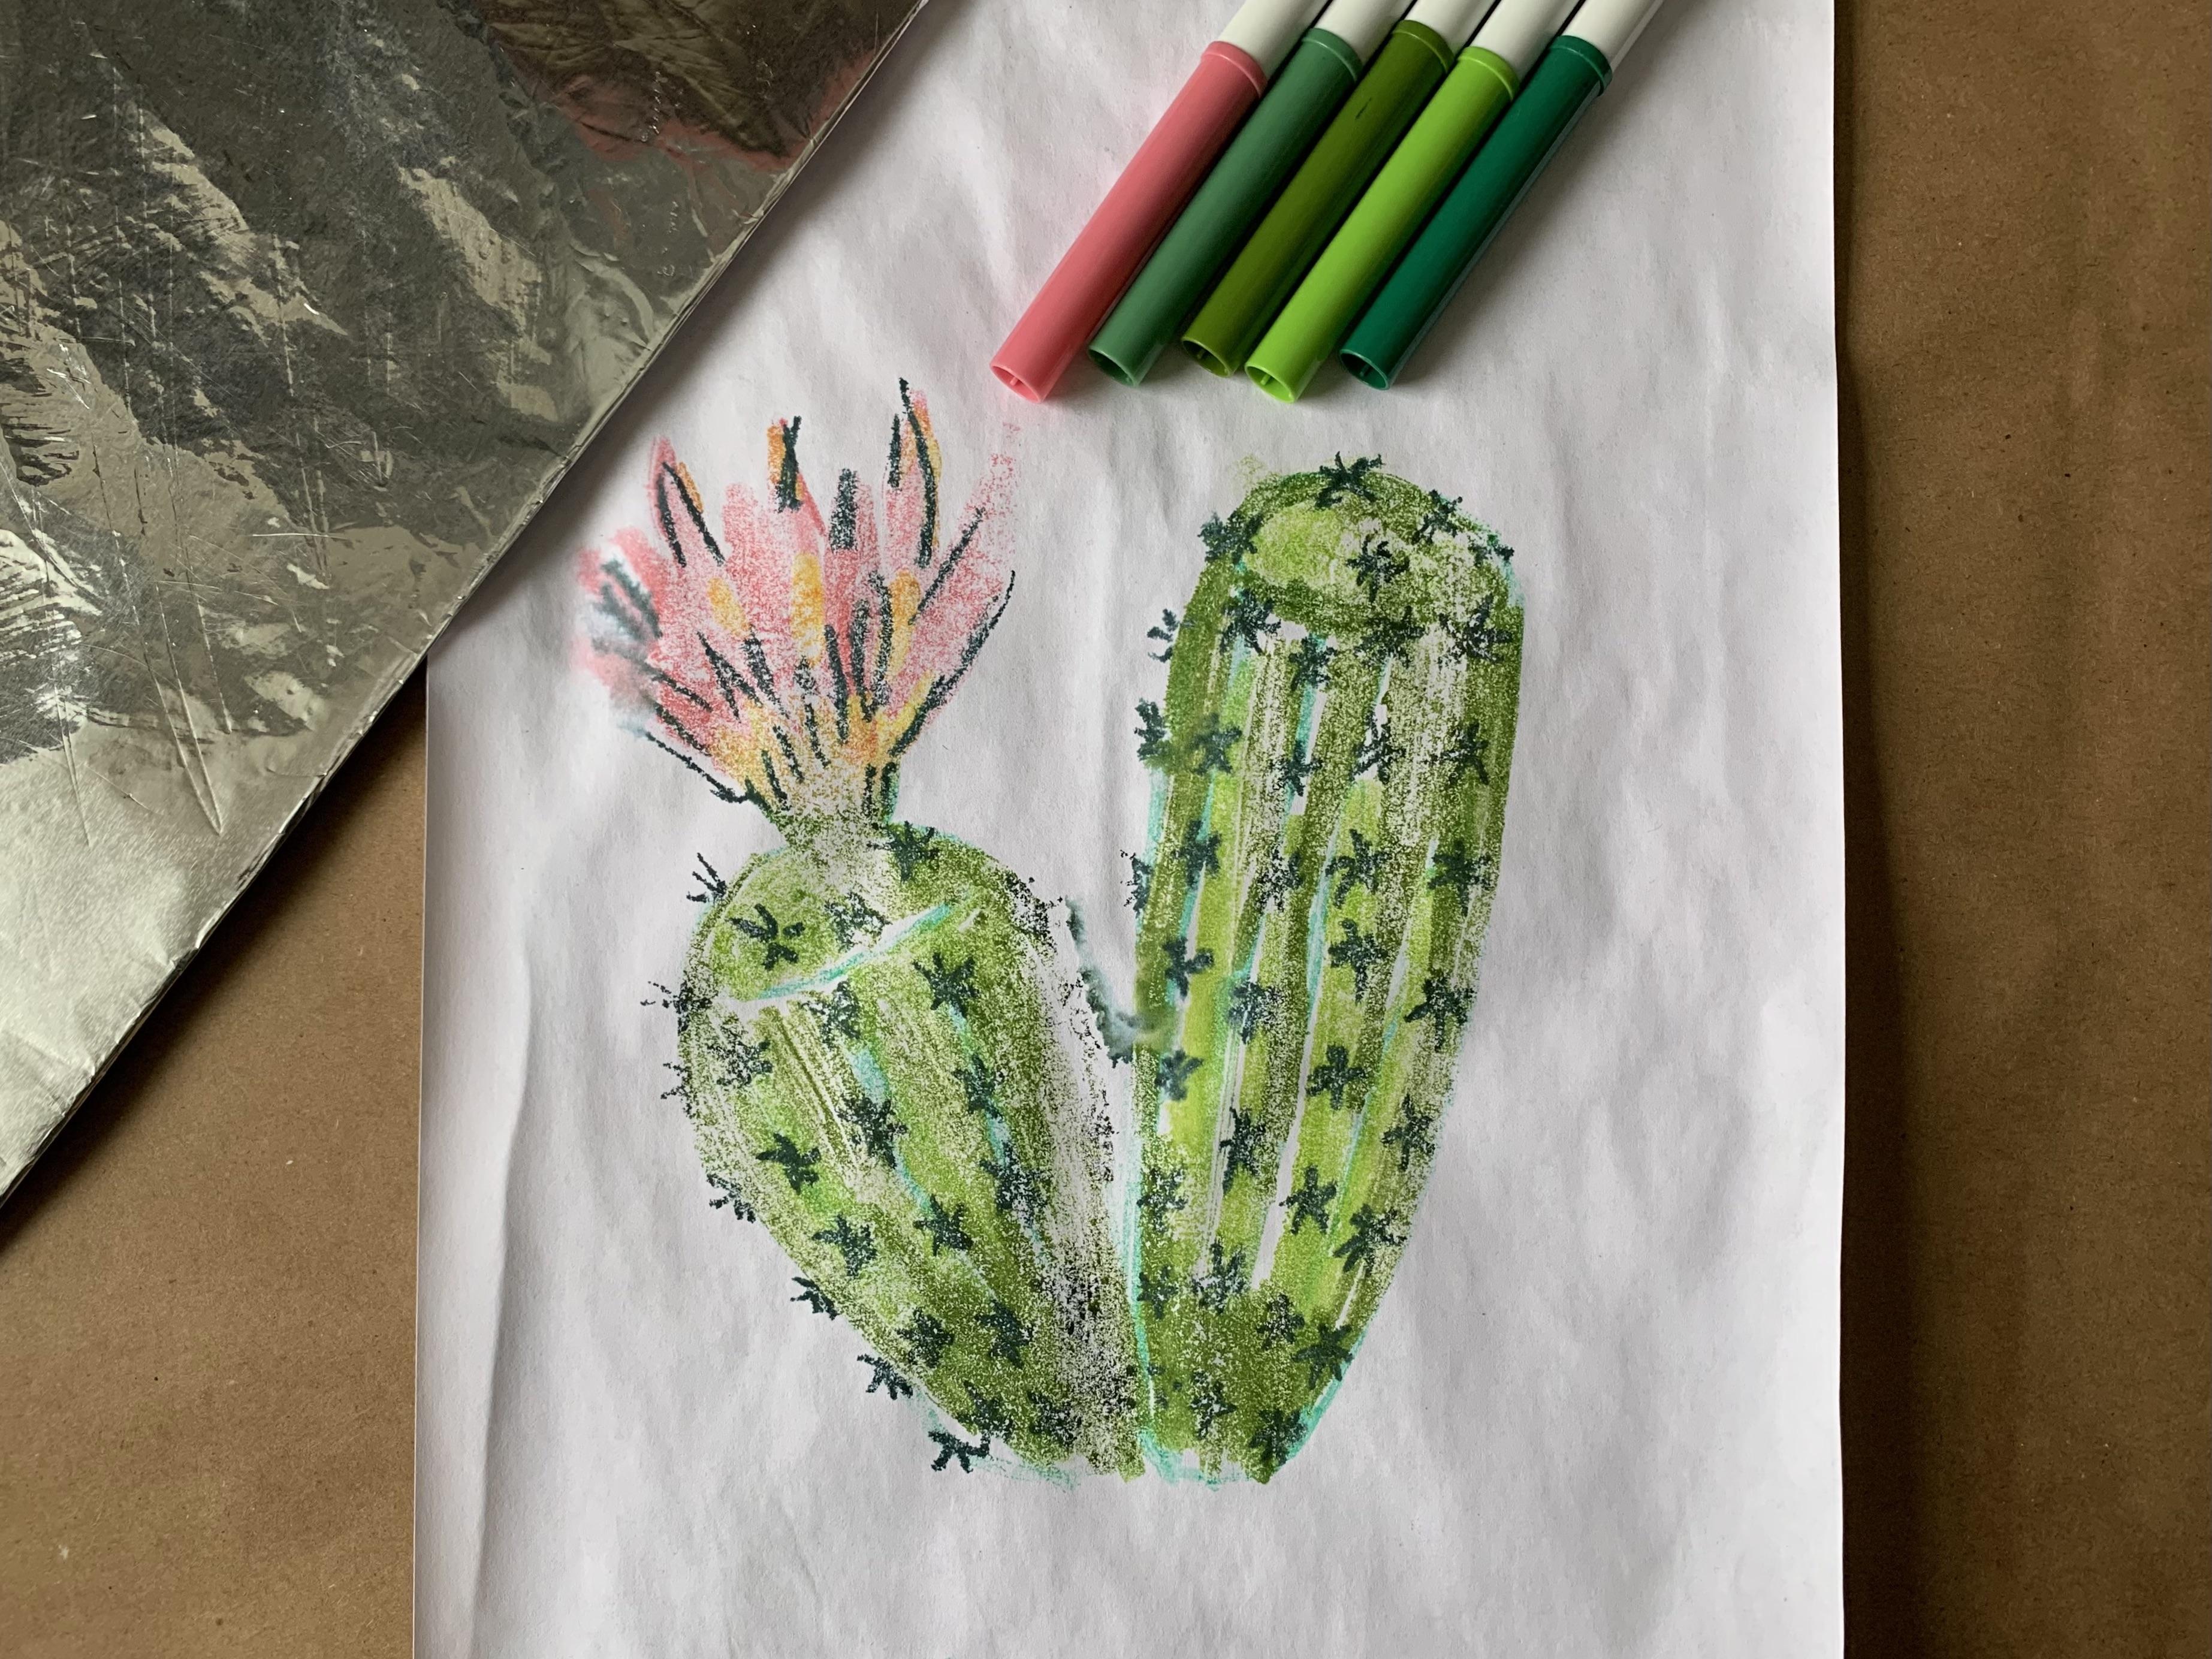 16-cactus-monoprint-class.jpg